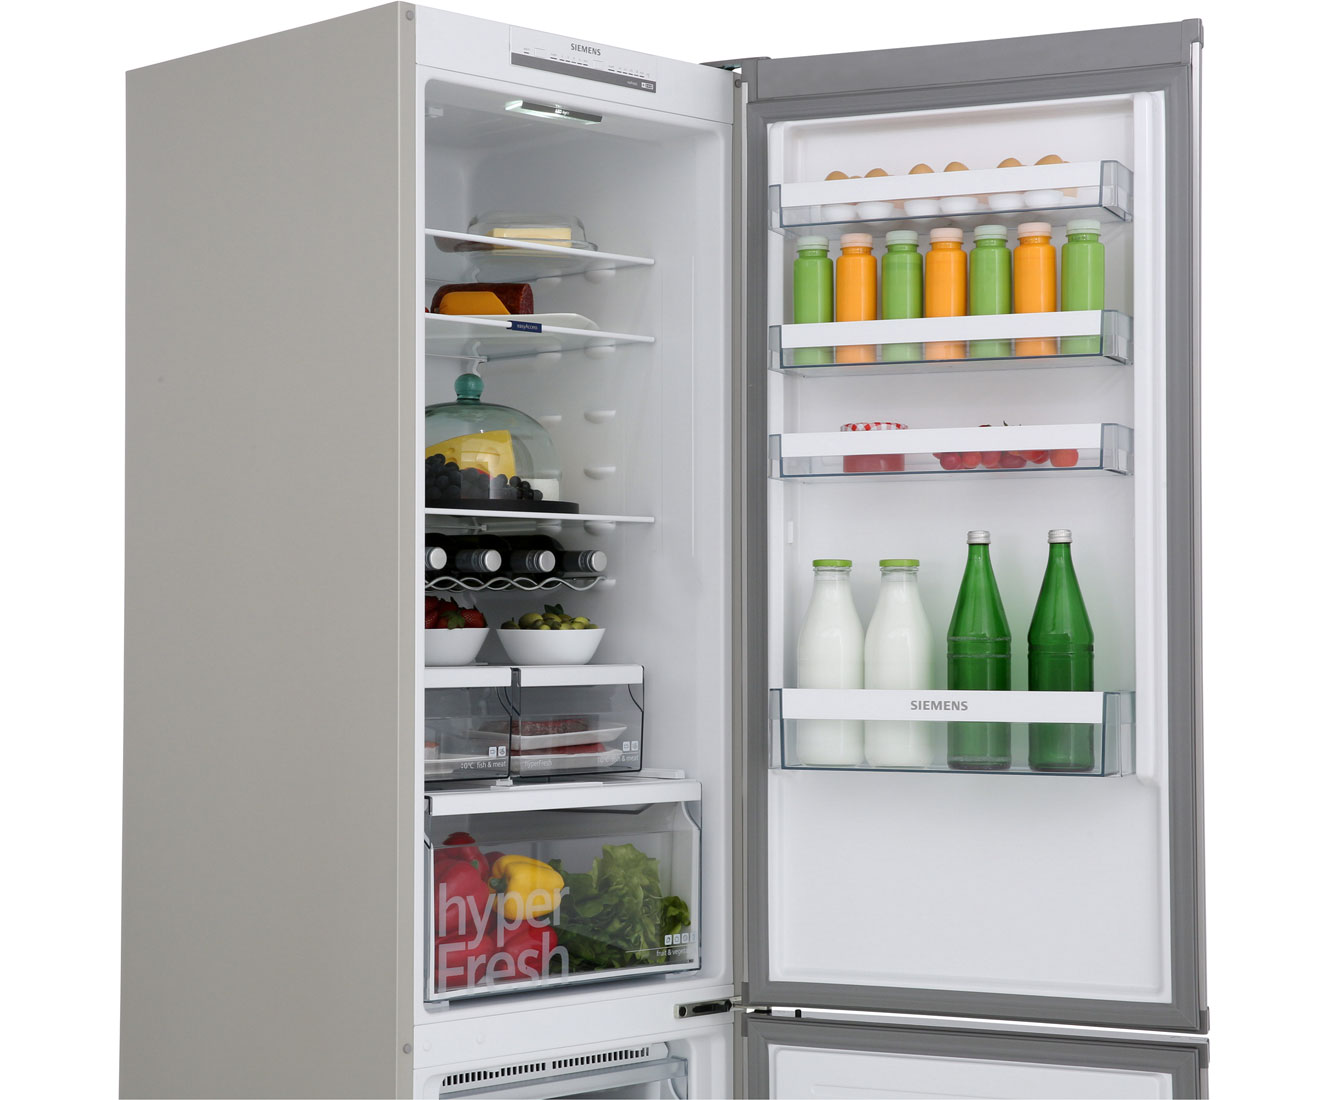 Siemens Kühlschrank Vergleich : Siemens iq kg nvl kühl gefrierkombination mit no frost